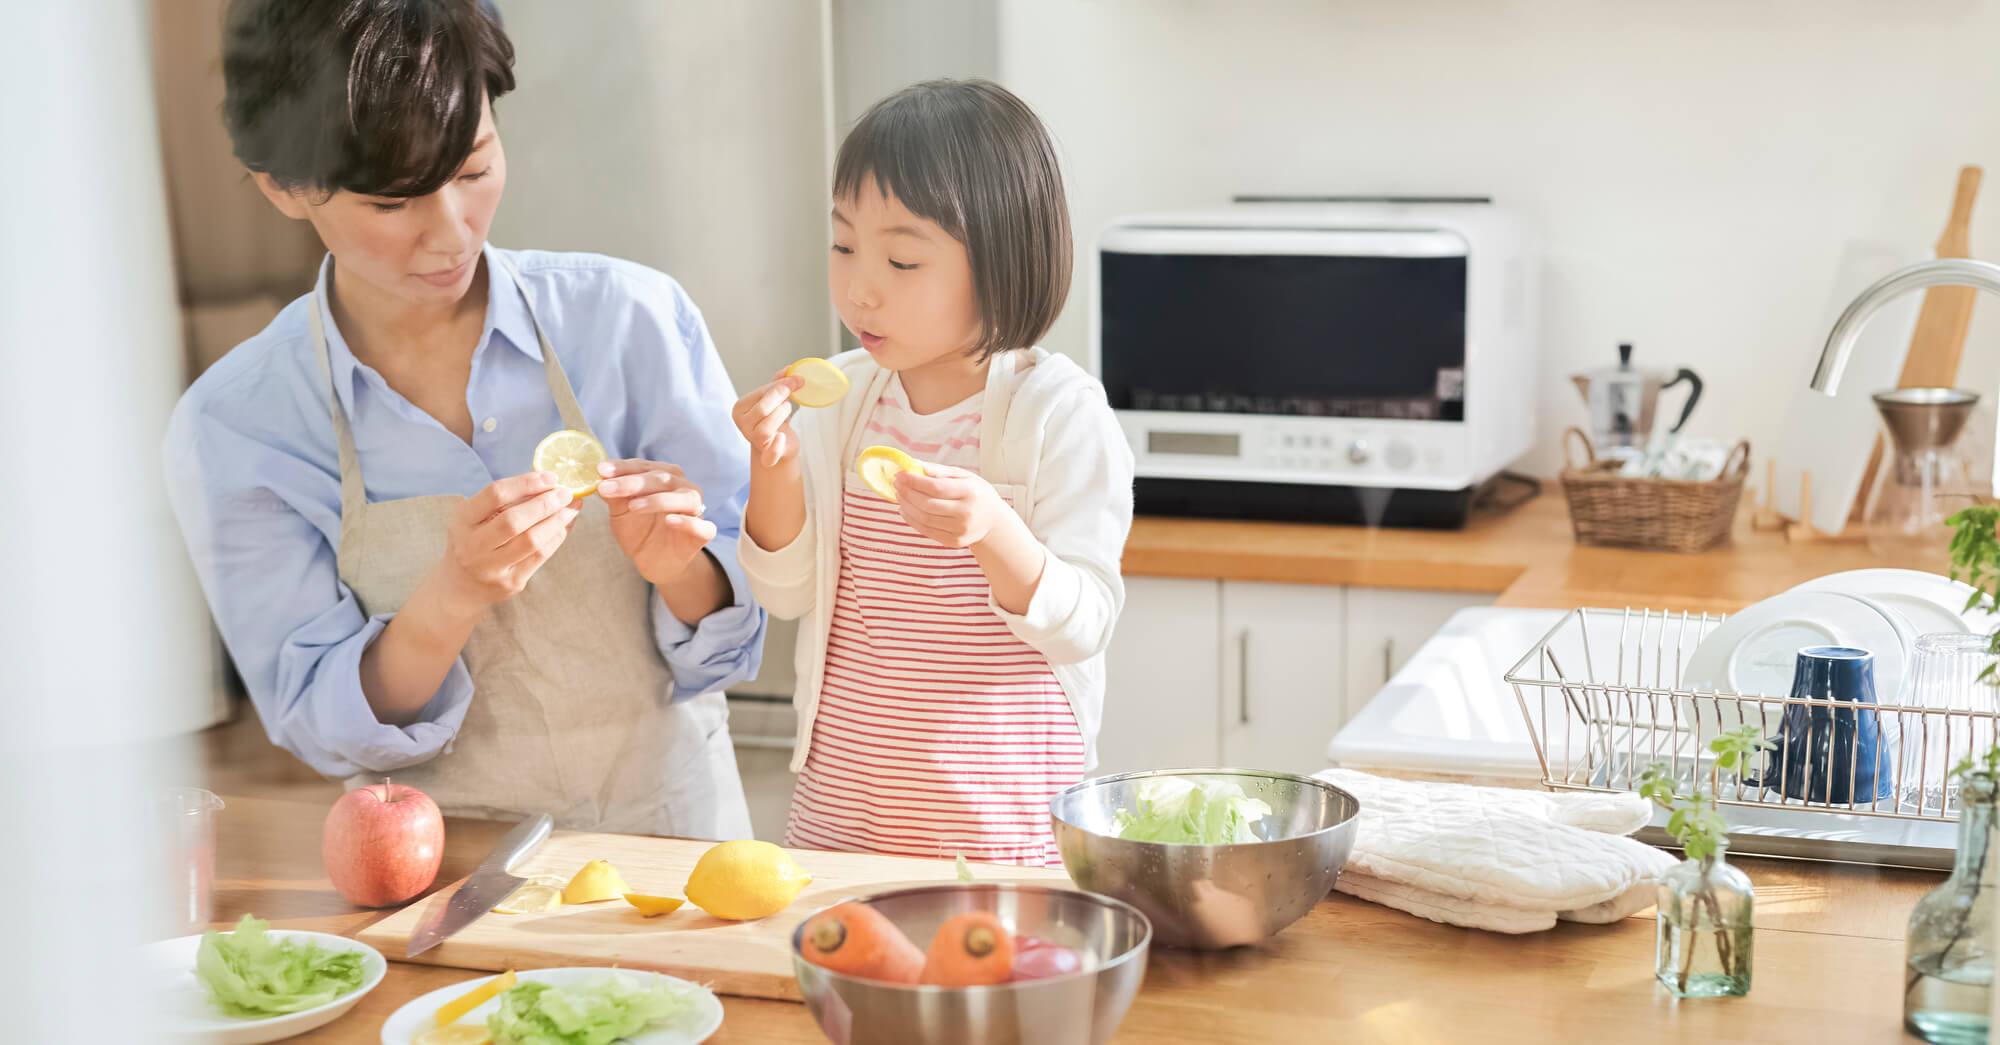 初心者必見!菊芋の下準備と栄養価の高い菊芋の選び方。